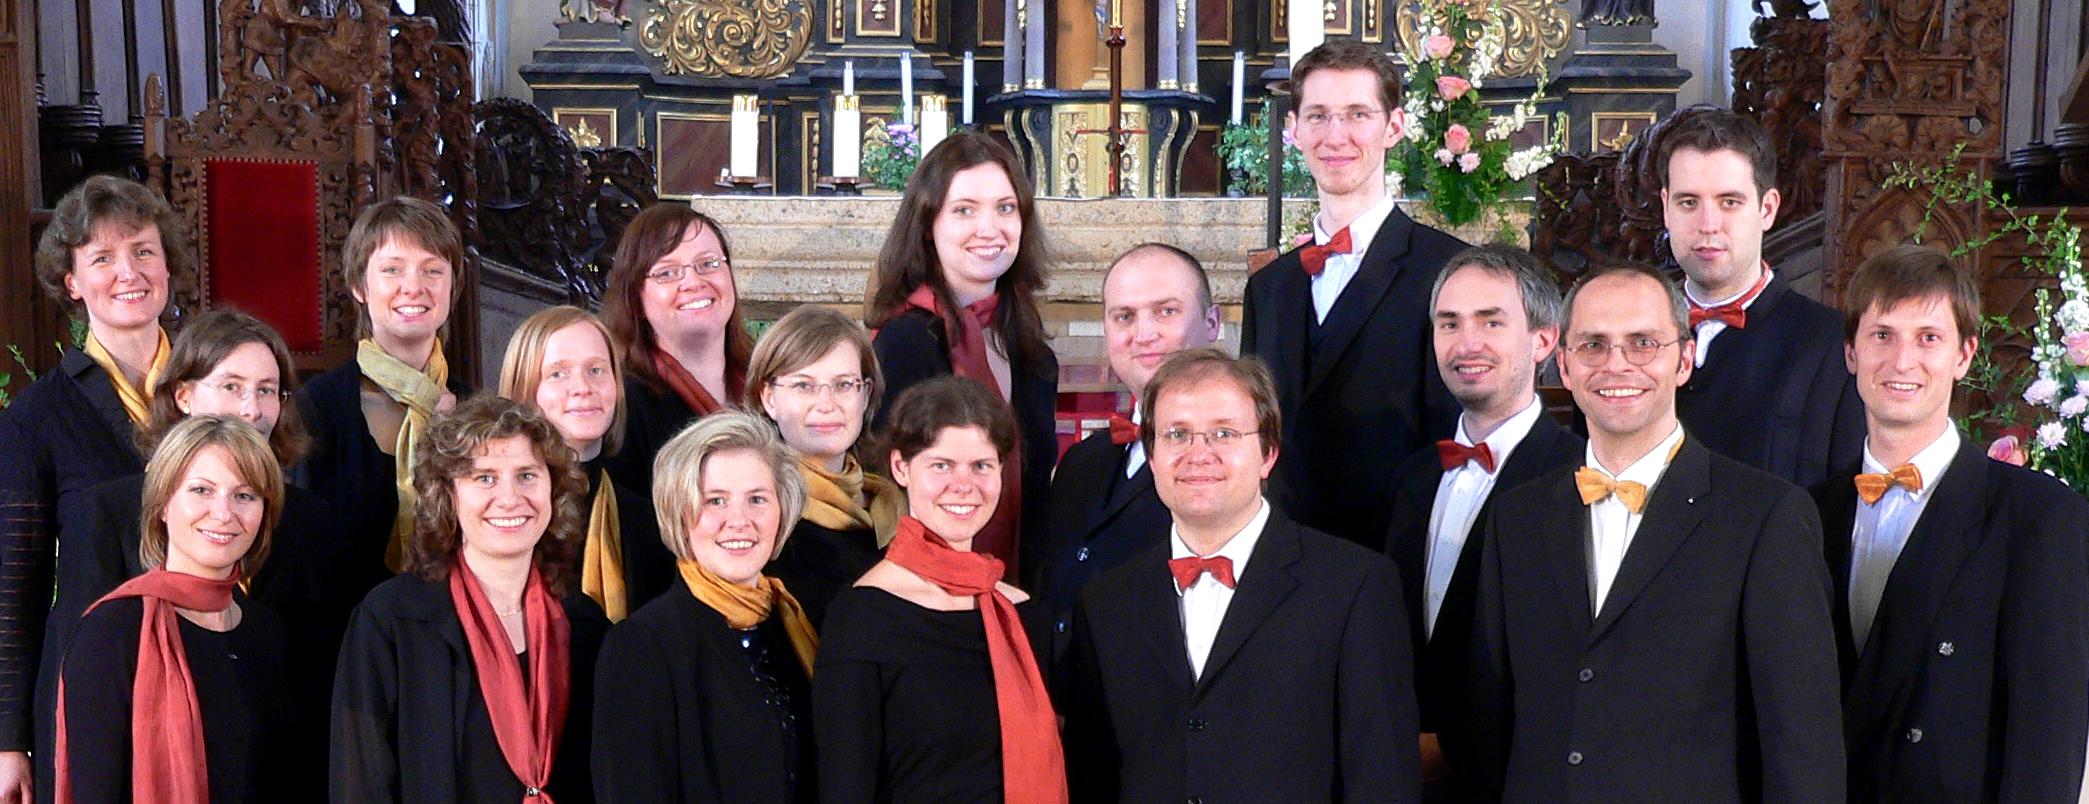 Kammerchor Michaelstein (2005, 2012)